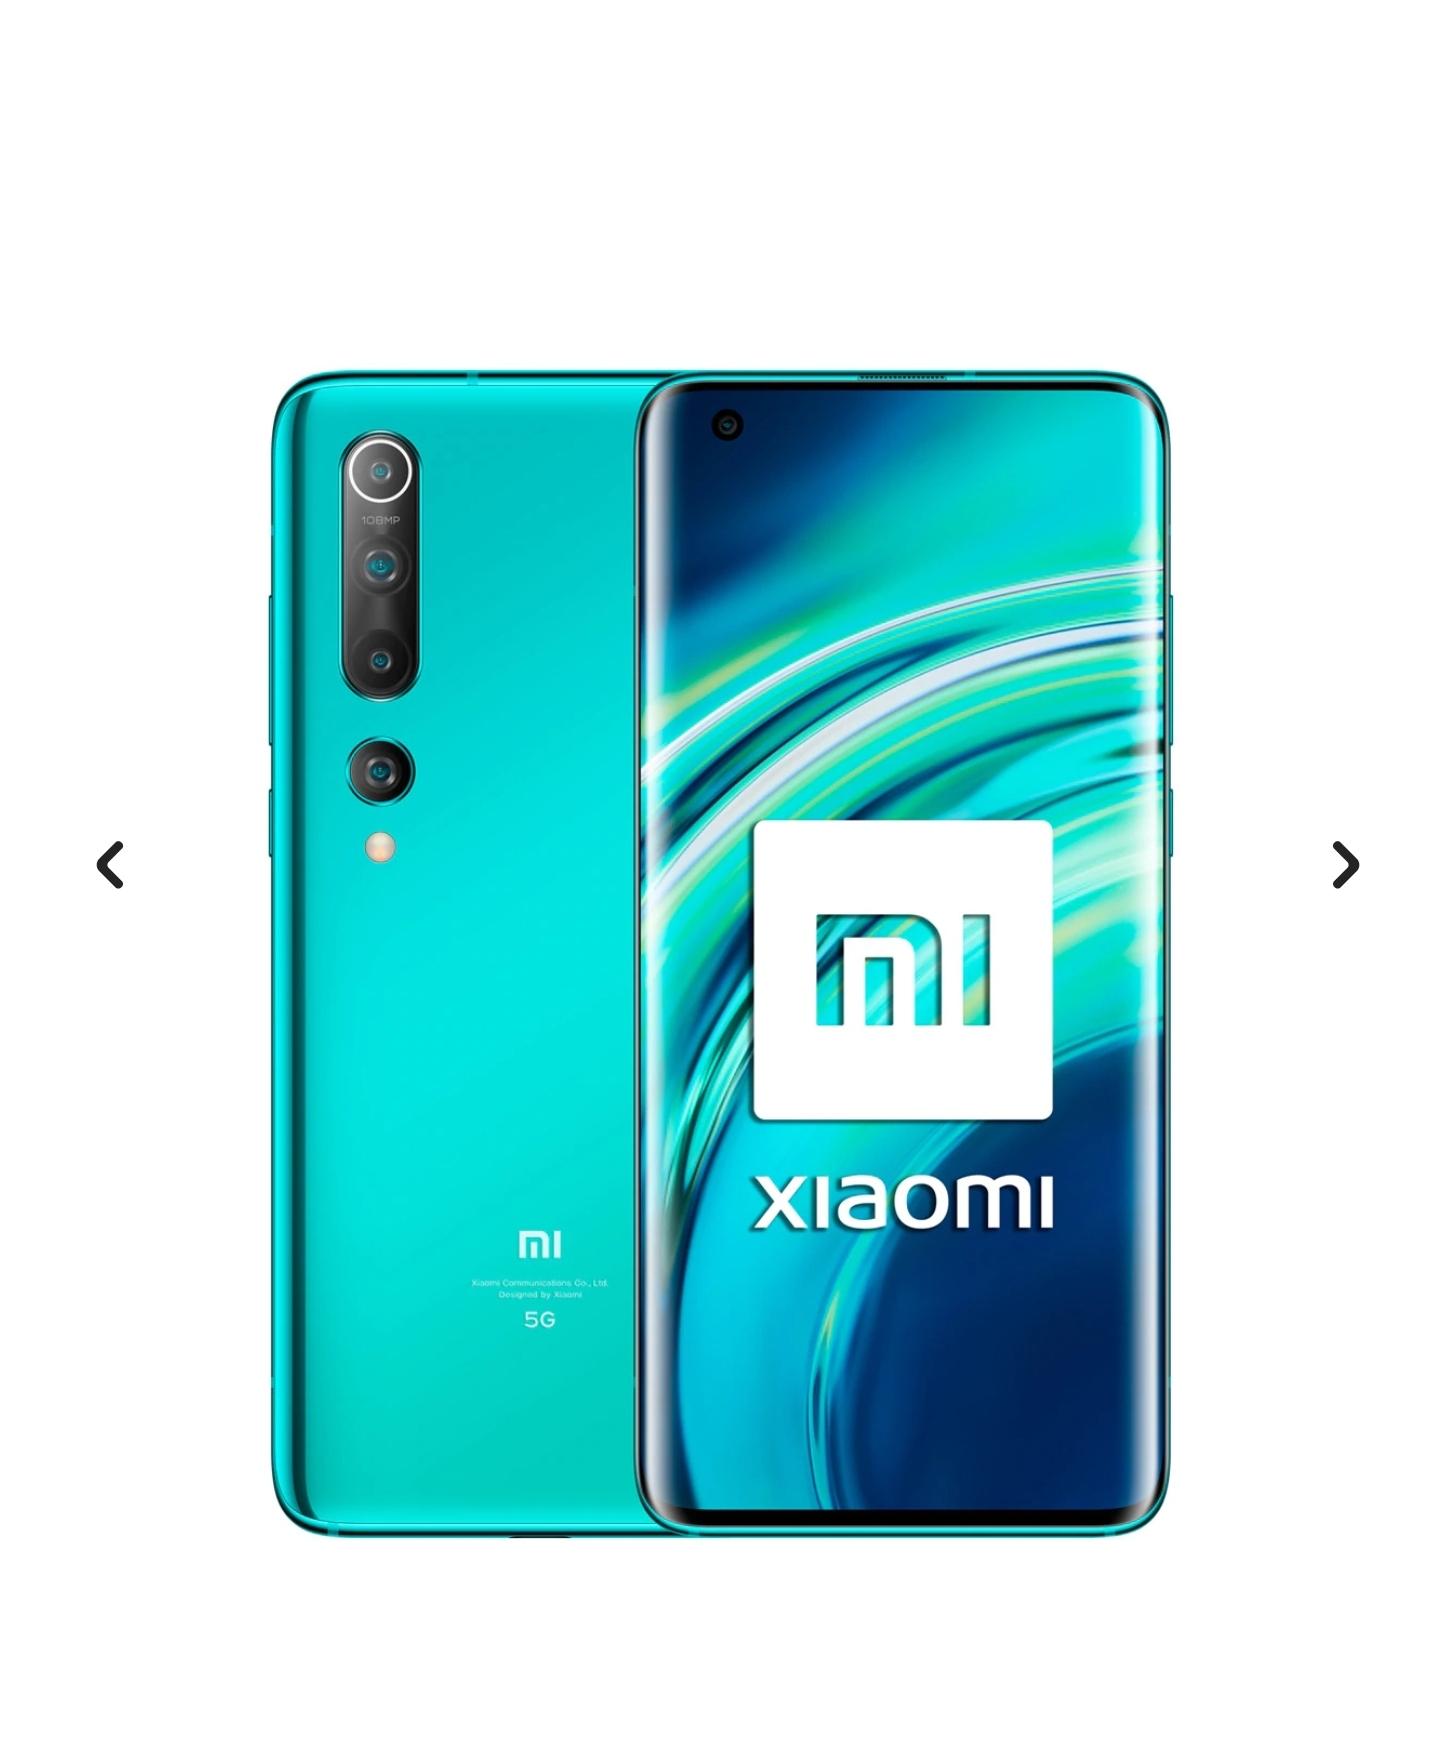 Xiaomi Mi 10 5G 8+128 GB Coral Green y Twilight Grey